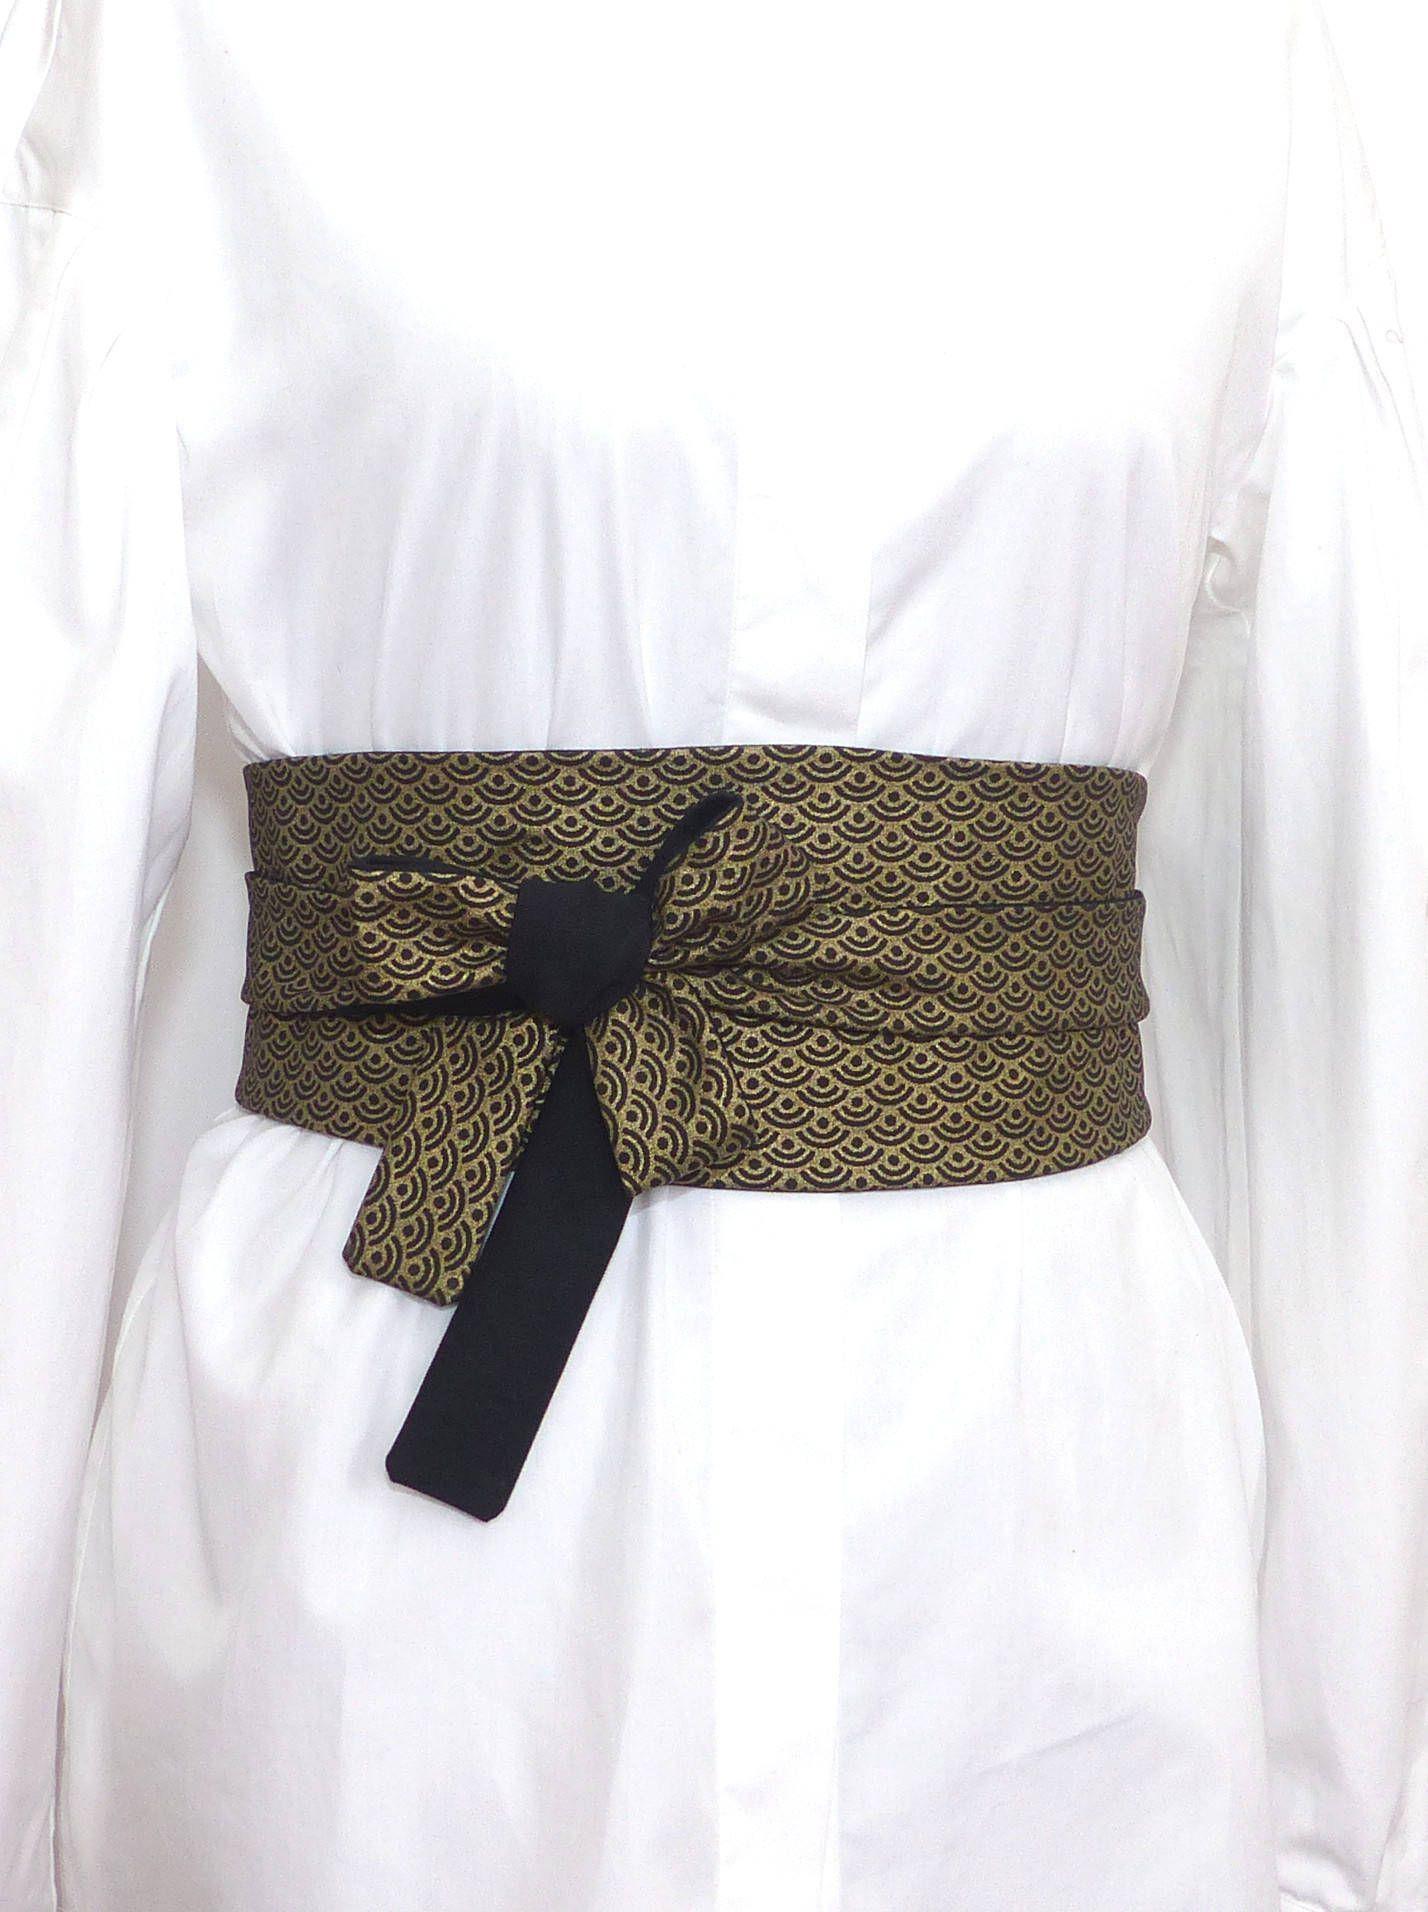 bef863a22813 Noir et Dorée Ceinture Obi à nouer, large, réversible, coton japonais, haut